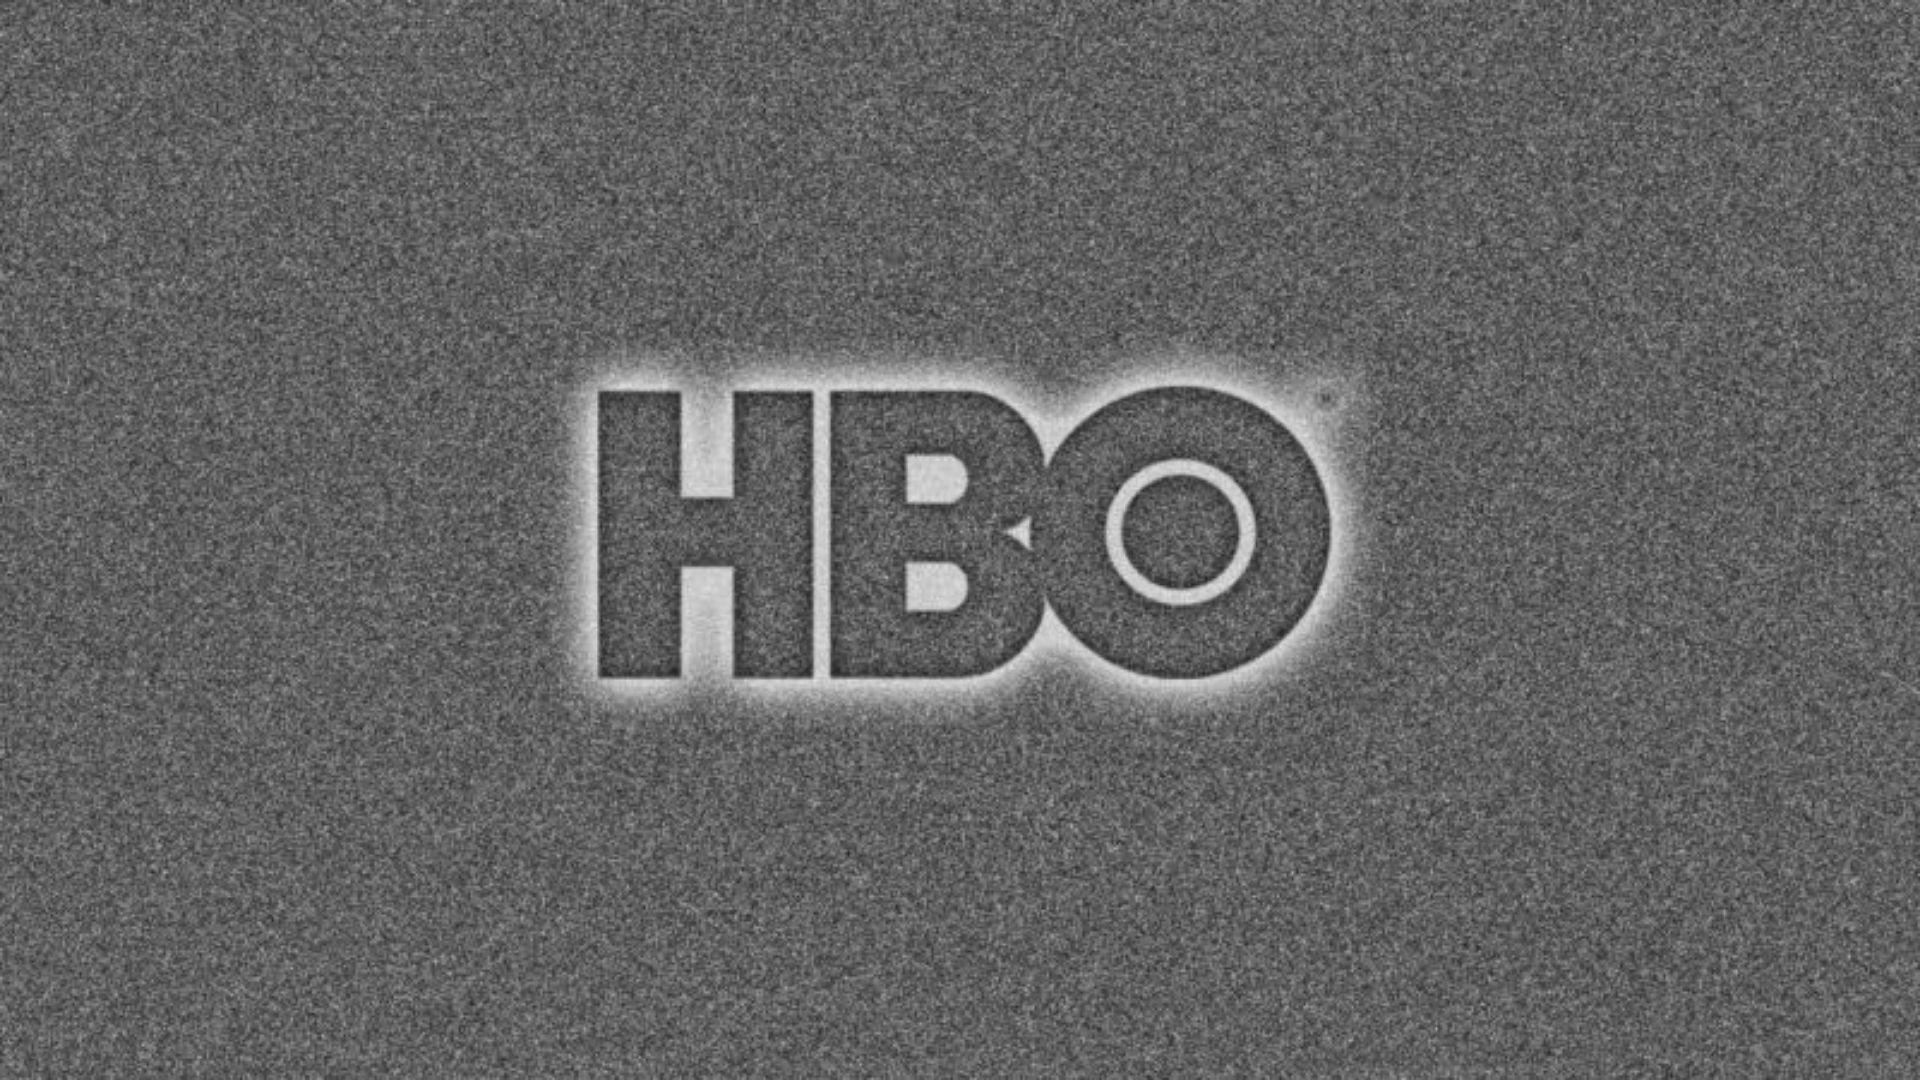 HBO-ზე სერიალებისა და ფილმების ნახვა დღეიდან უფასოდაა შესაძლებელი